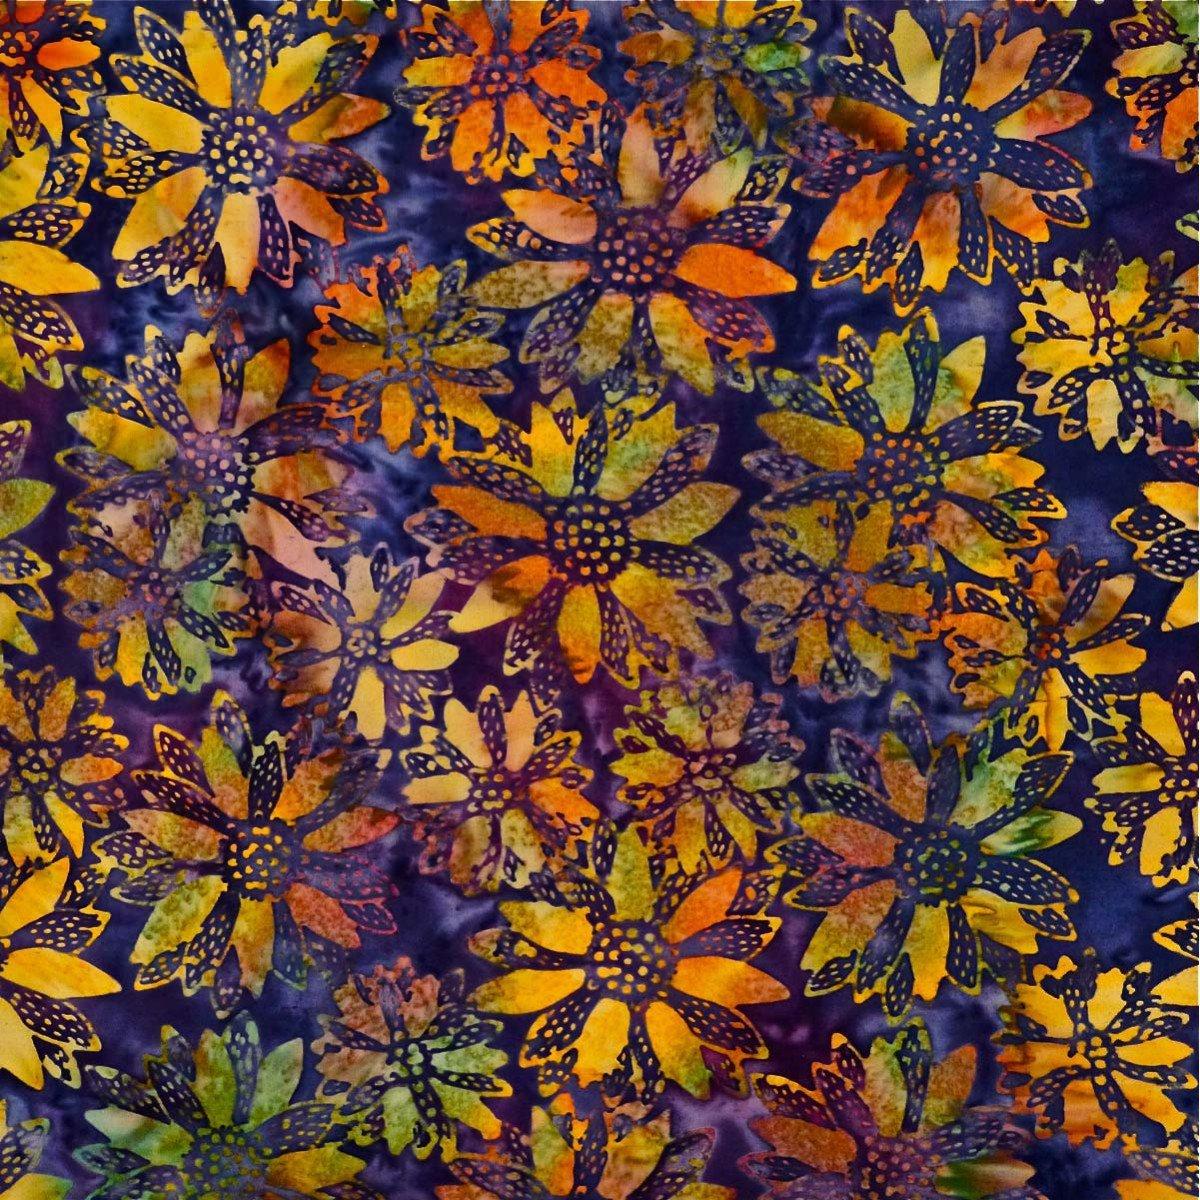 Batik by Mirah, Fertility